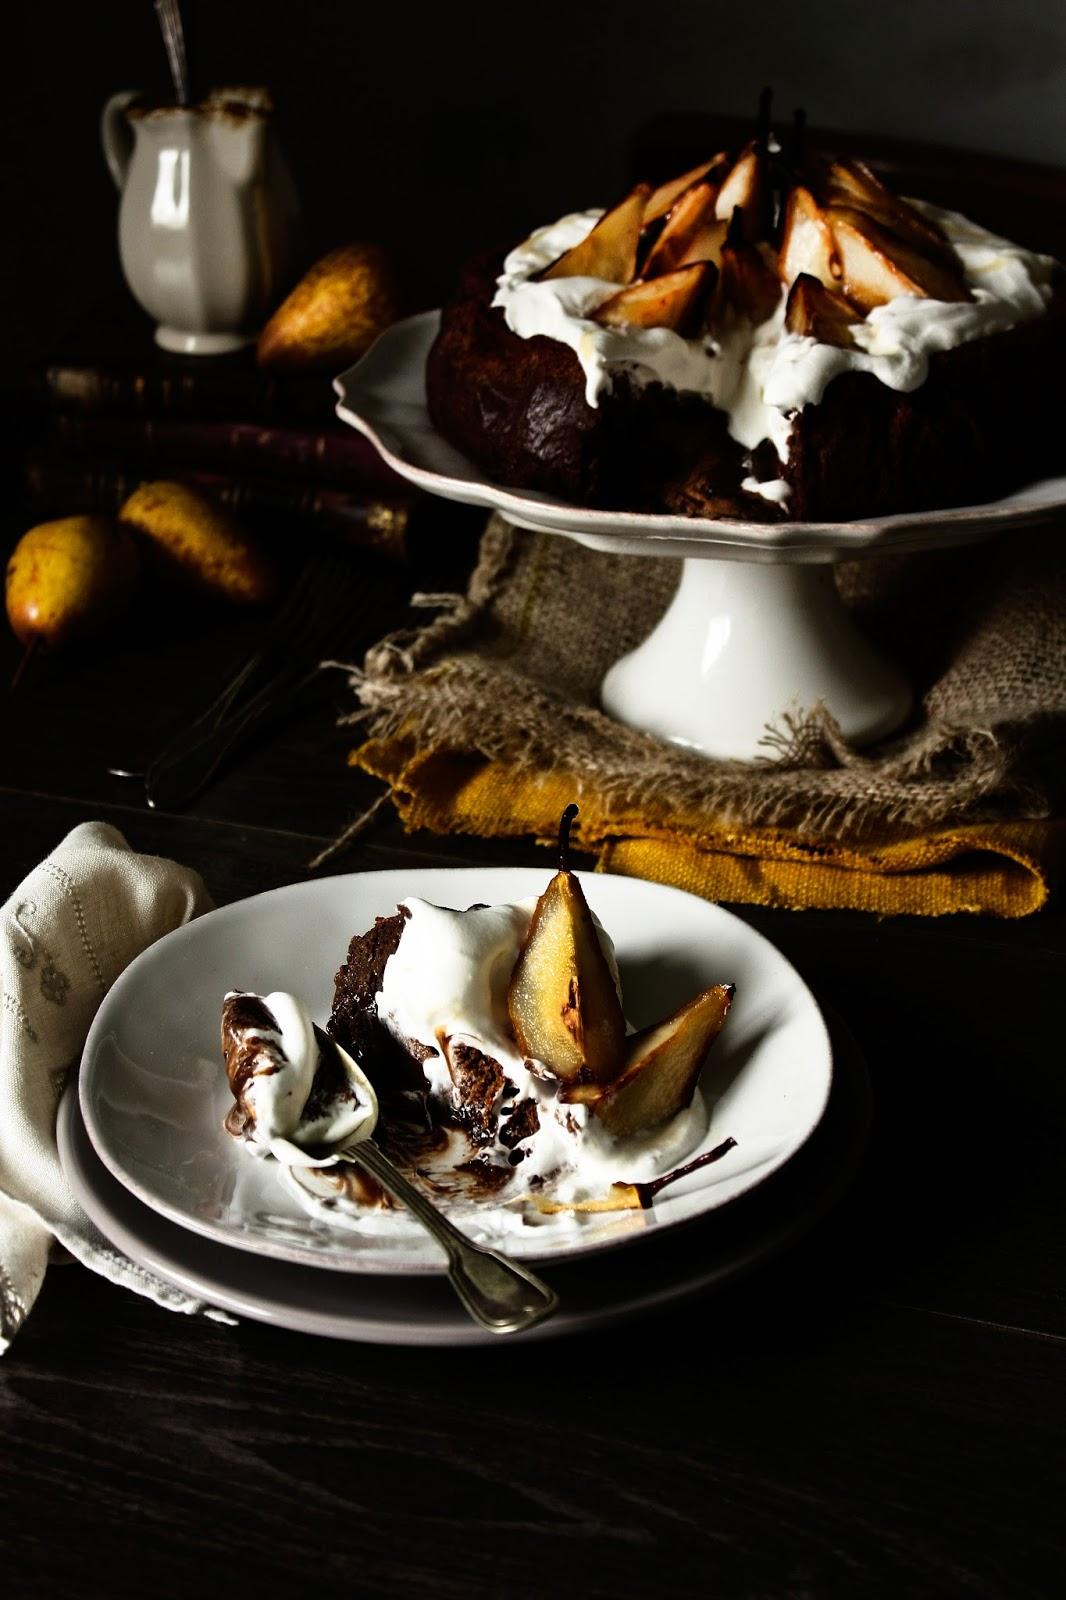 e3d77-chocolatecake0